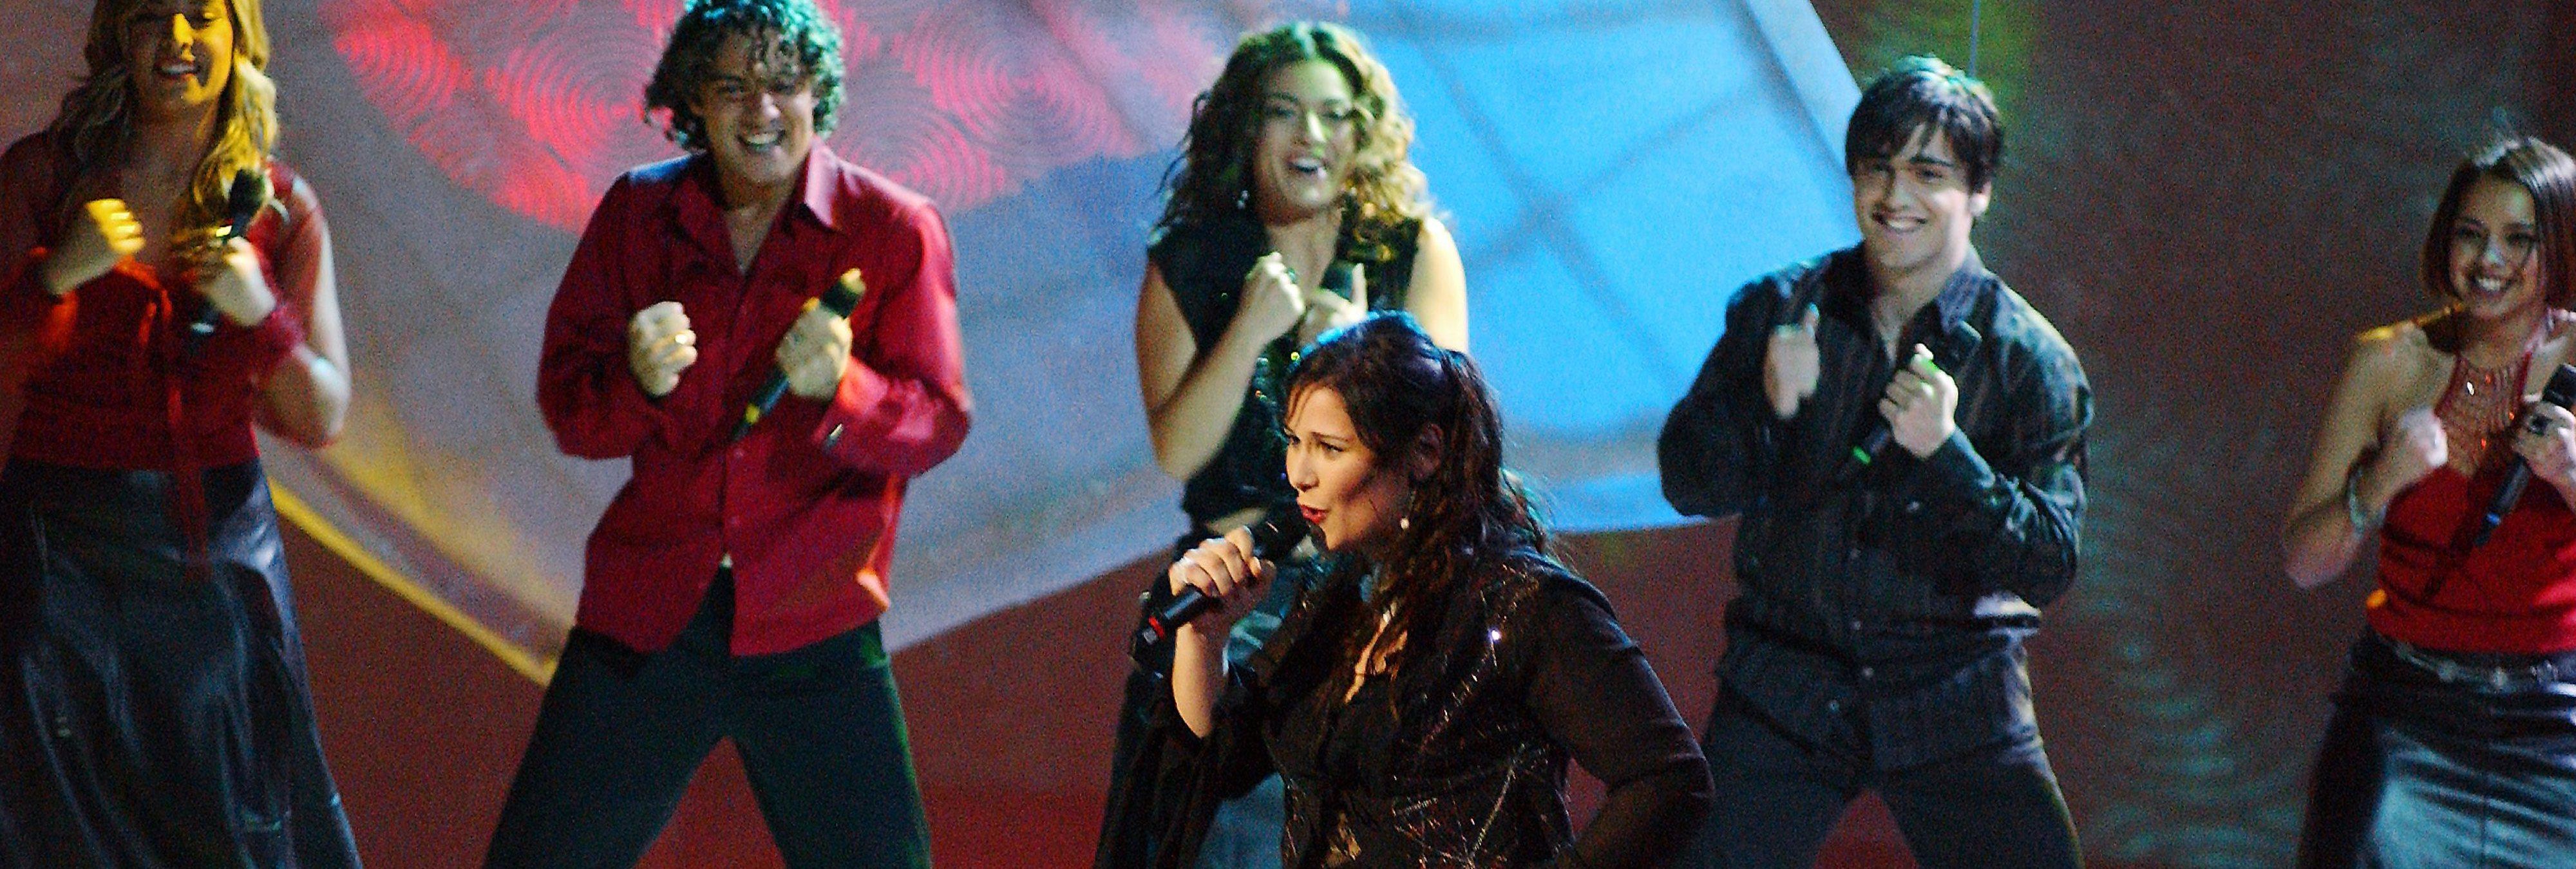 """Rosa López recuerda Eurovisión: """"Sentí presión porque todos pensaban que iba a ganar"""""""